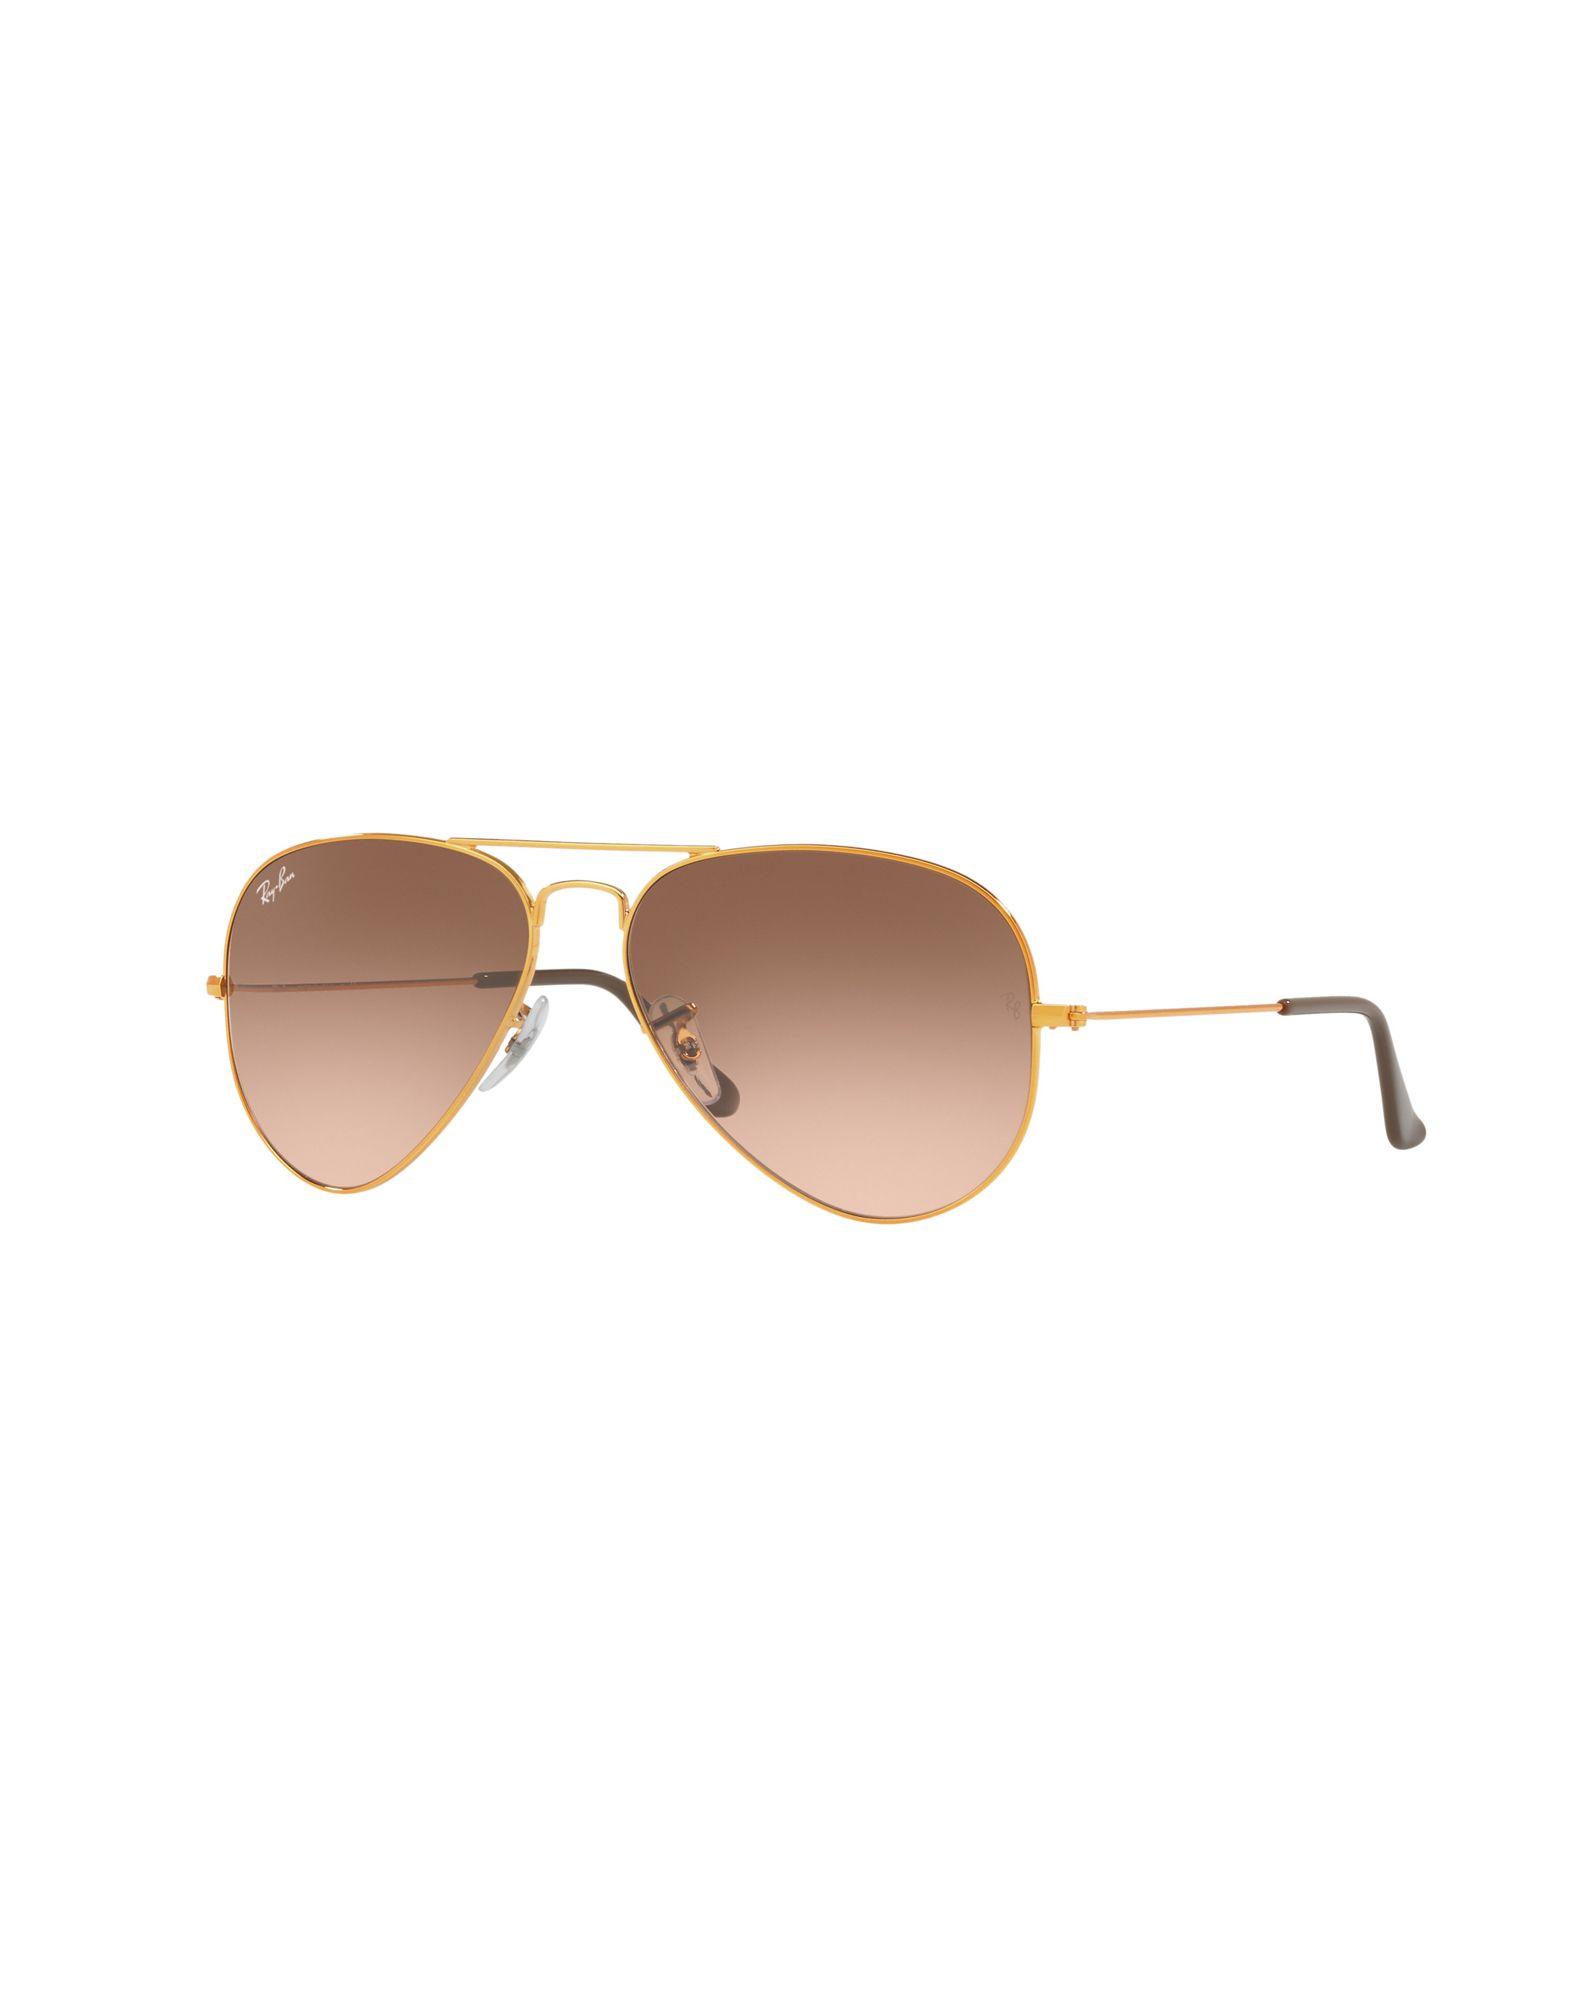 Occhiali Da Sole Ray-Ban Rb3025 - Uomo - Acquista online su